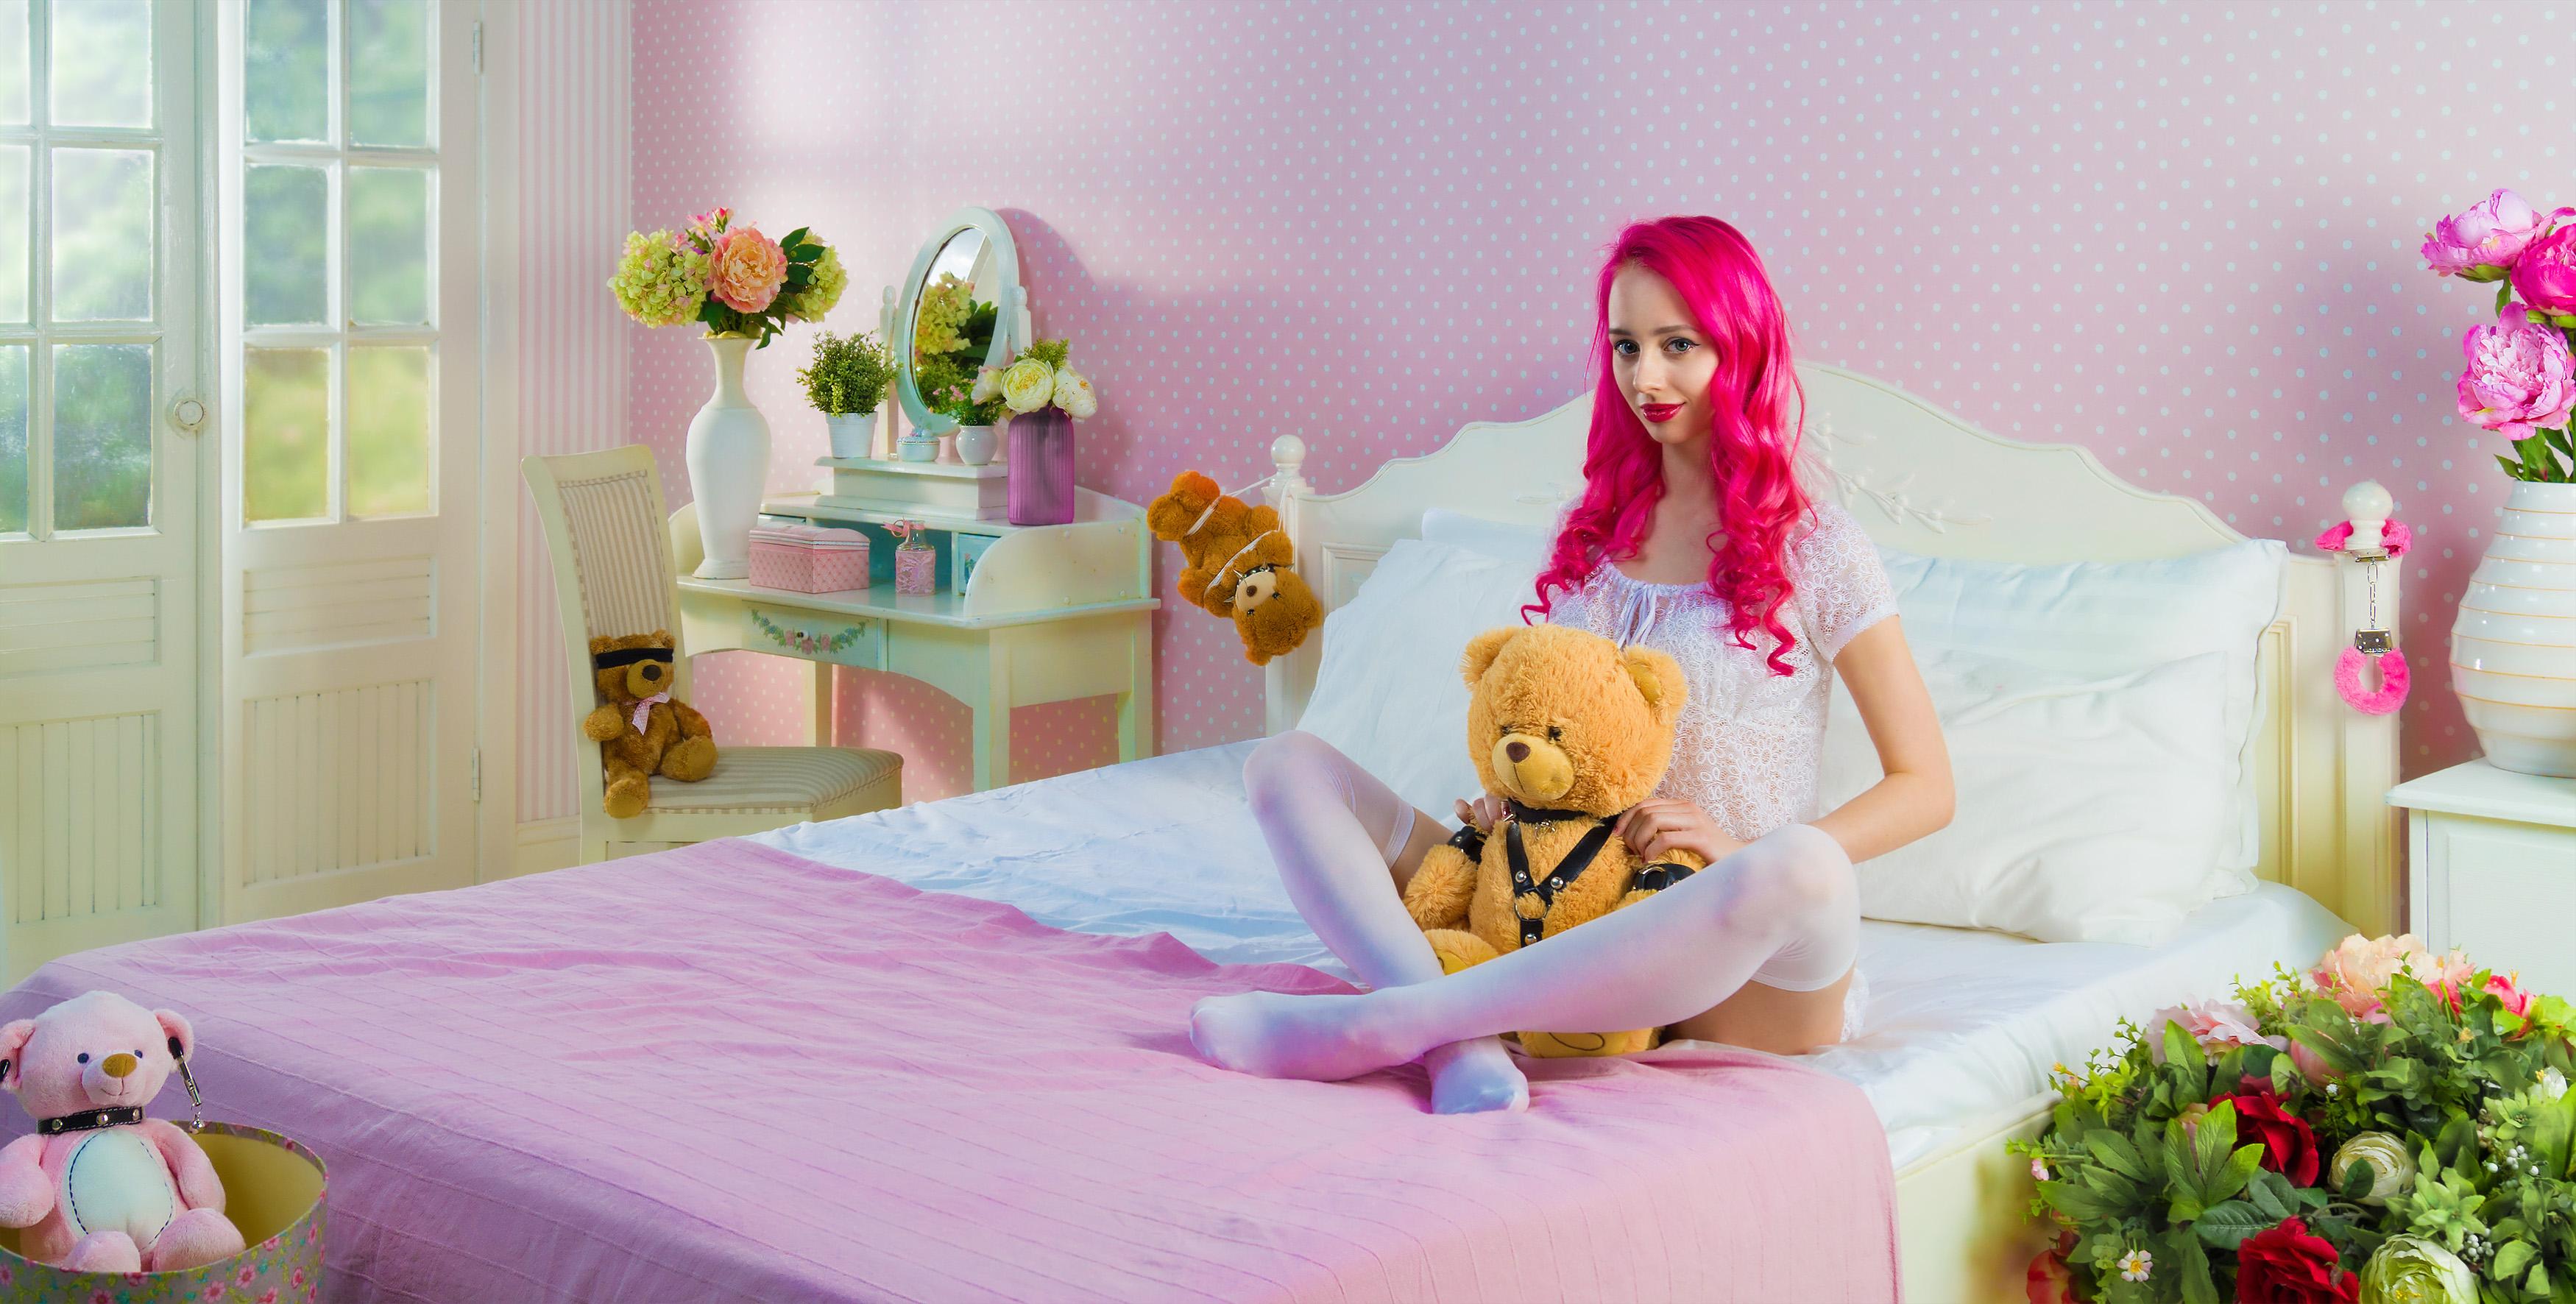 Kostenlose foto : Mädchen, Frau, Haus, Blume, Möbel, Zimmer, Rosa ...